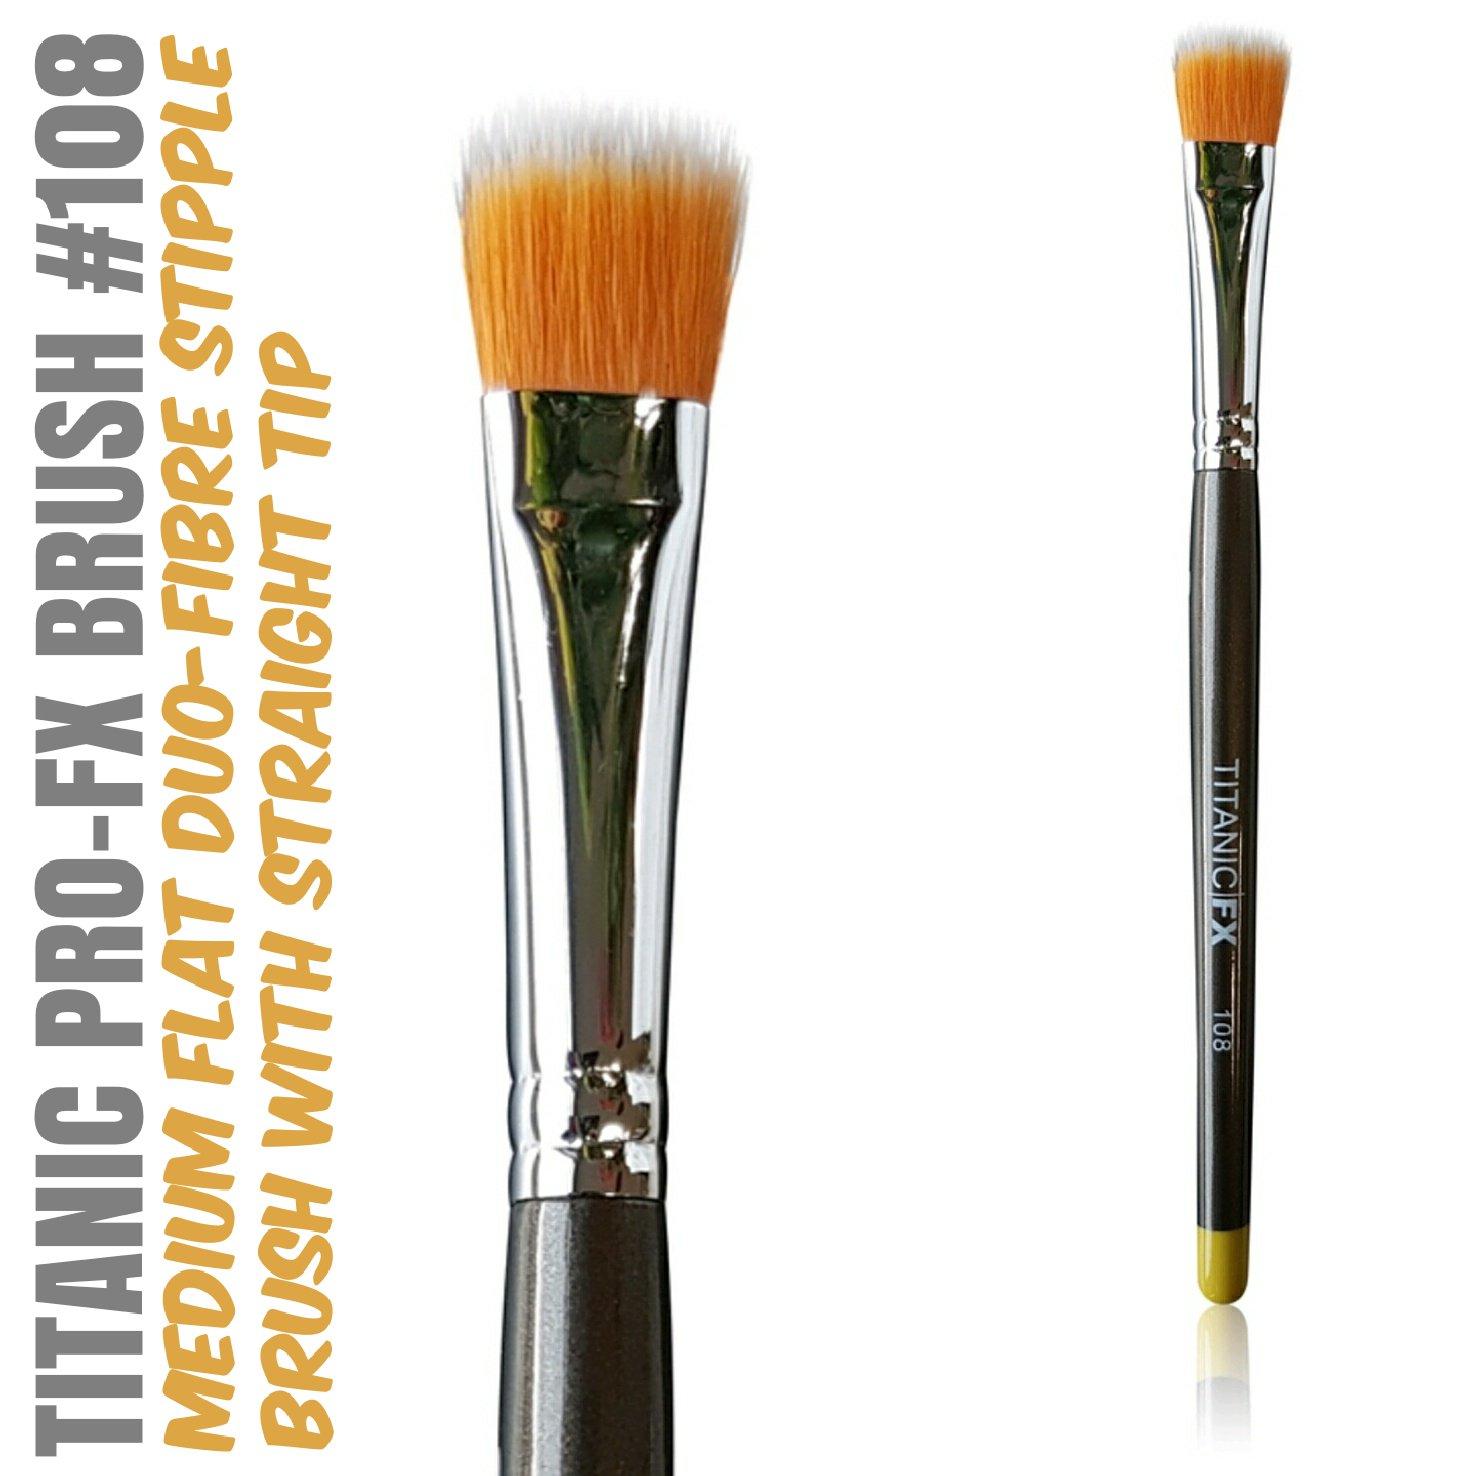 Titanic Pro-FX Brush 108 – Medium Flat Duo Fiber Stipple Brush – Prosthetic Makeup